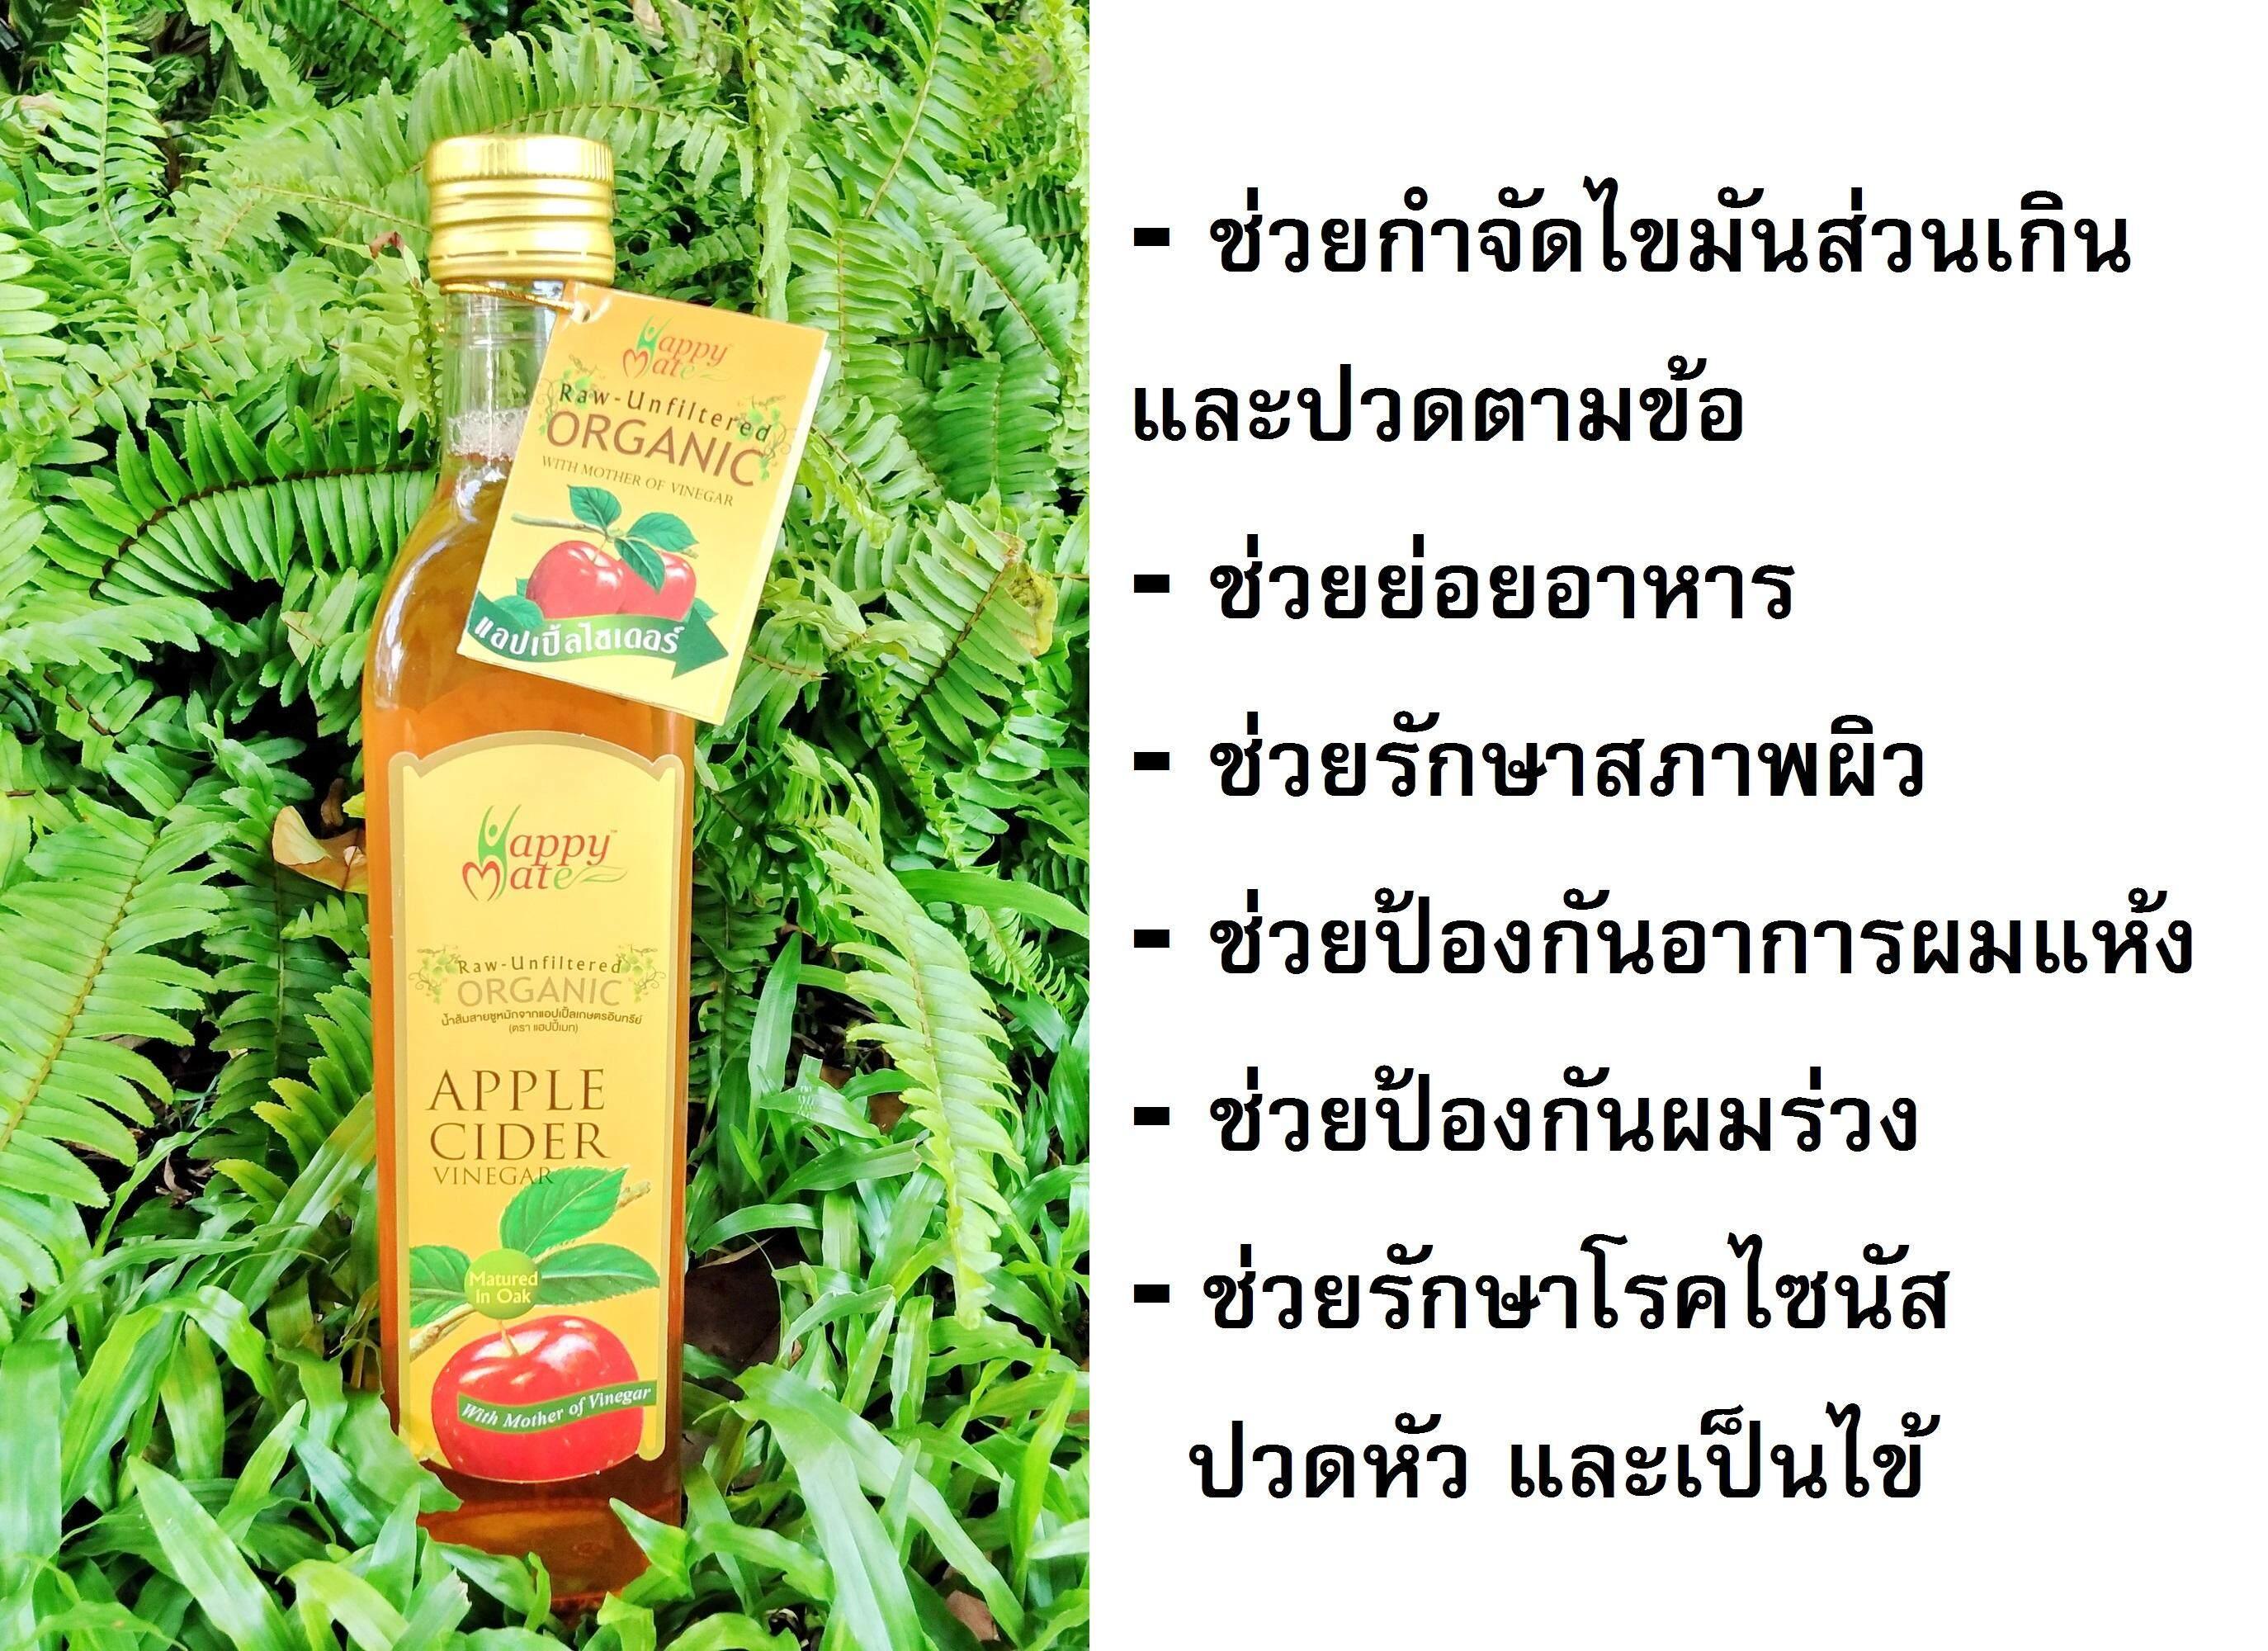 เฮลท์ตี้เมท น้ำส้มสายชูหมักจากแอปเปิ้ล เกษตรอินทรีย์ 500 Ml. Healthy Mate Organic Apple Cider Vinegar 500 Ml. With Mother Of Vinegar ช่วยกำจัดไขมันส่วนเกิน และปวดตามข้อ ช่วยย่อยอาหาร และดูดซึมอาหาร ช่วยรักษาสภาพผิว ช่วยป้องกันอาการผมแห้ง ผมร่วง.